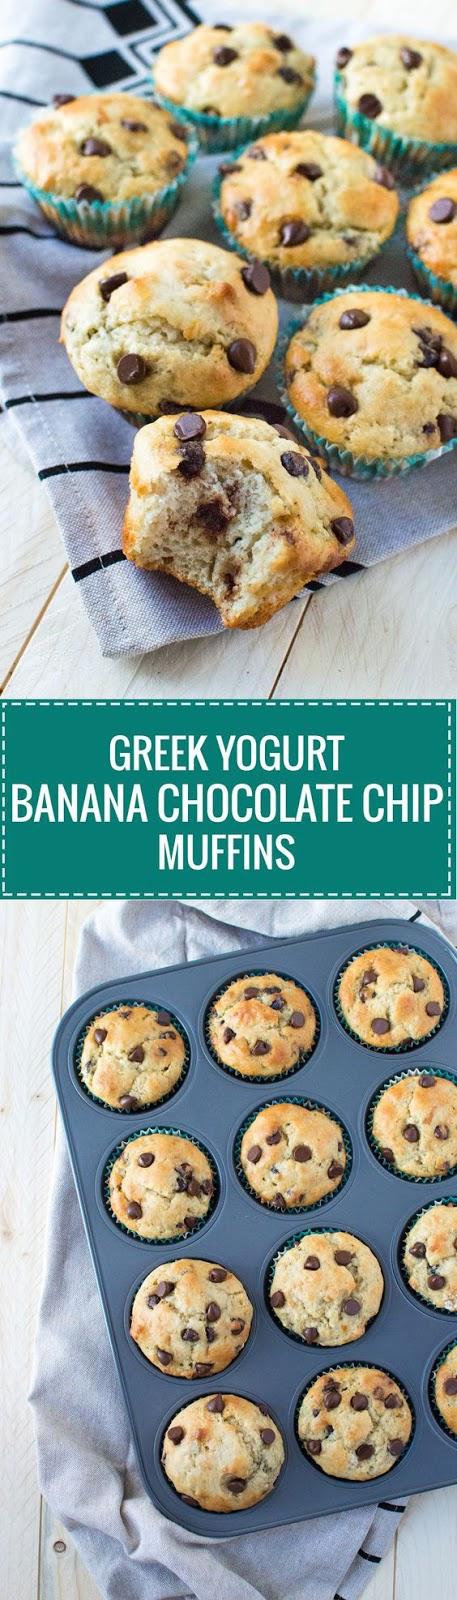 Greek Yogurt Banana Chocolate Chip Muffins